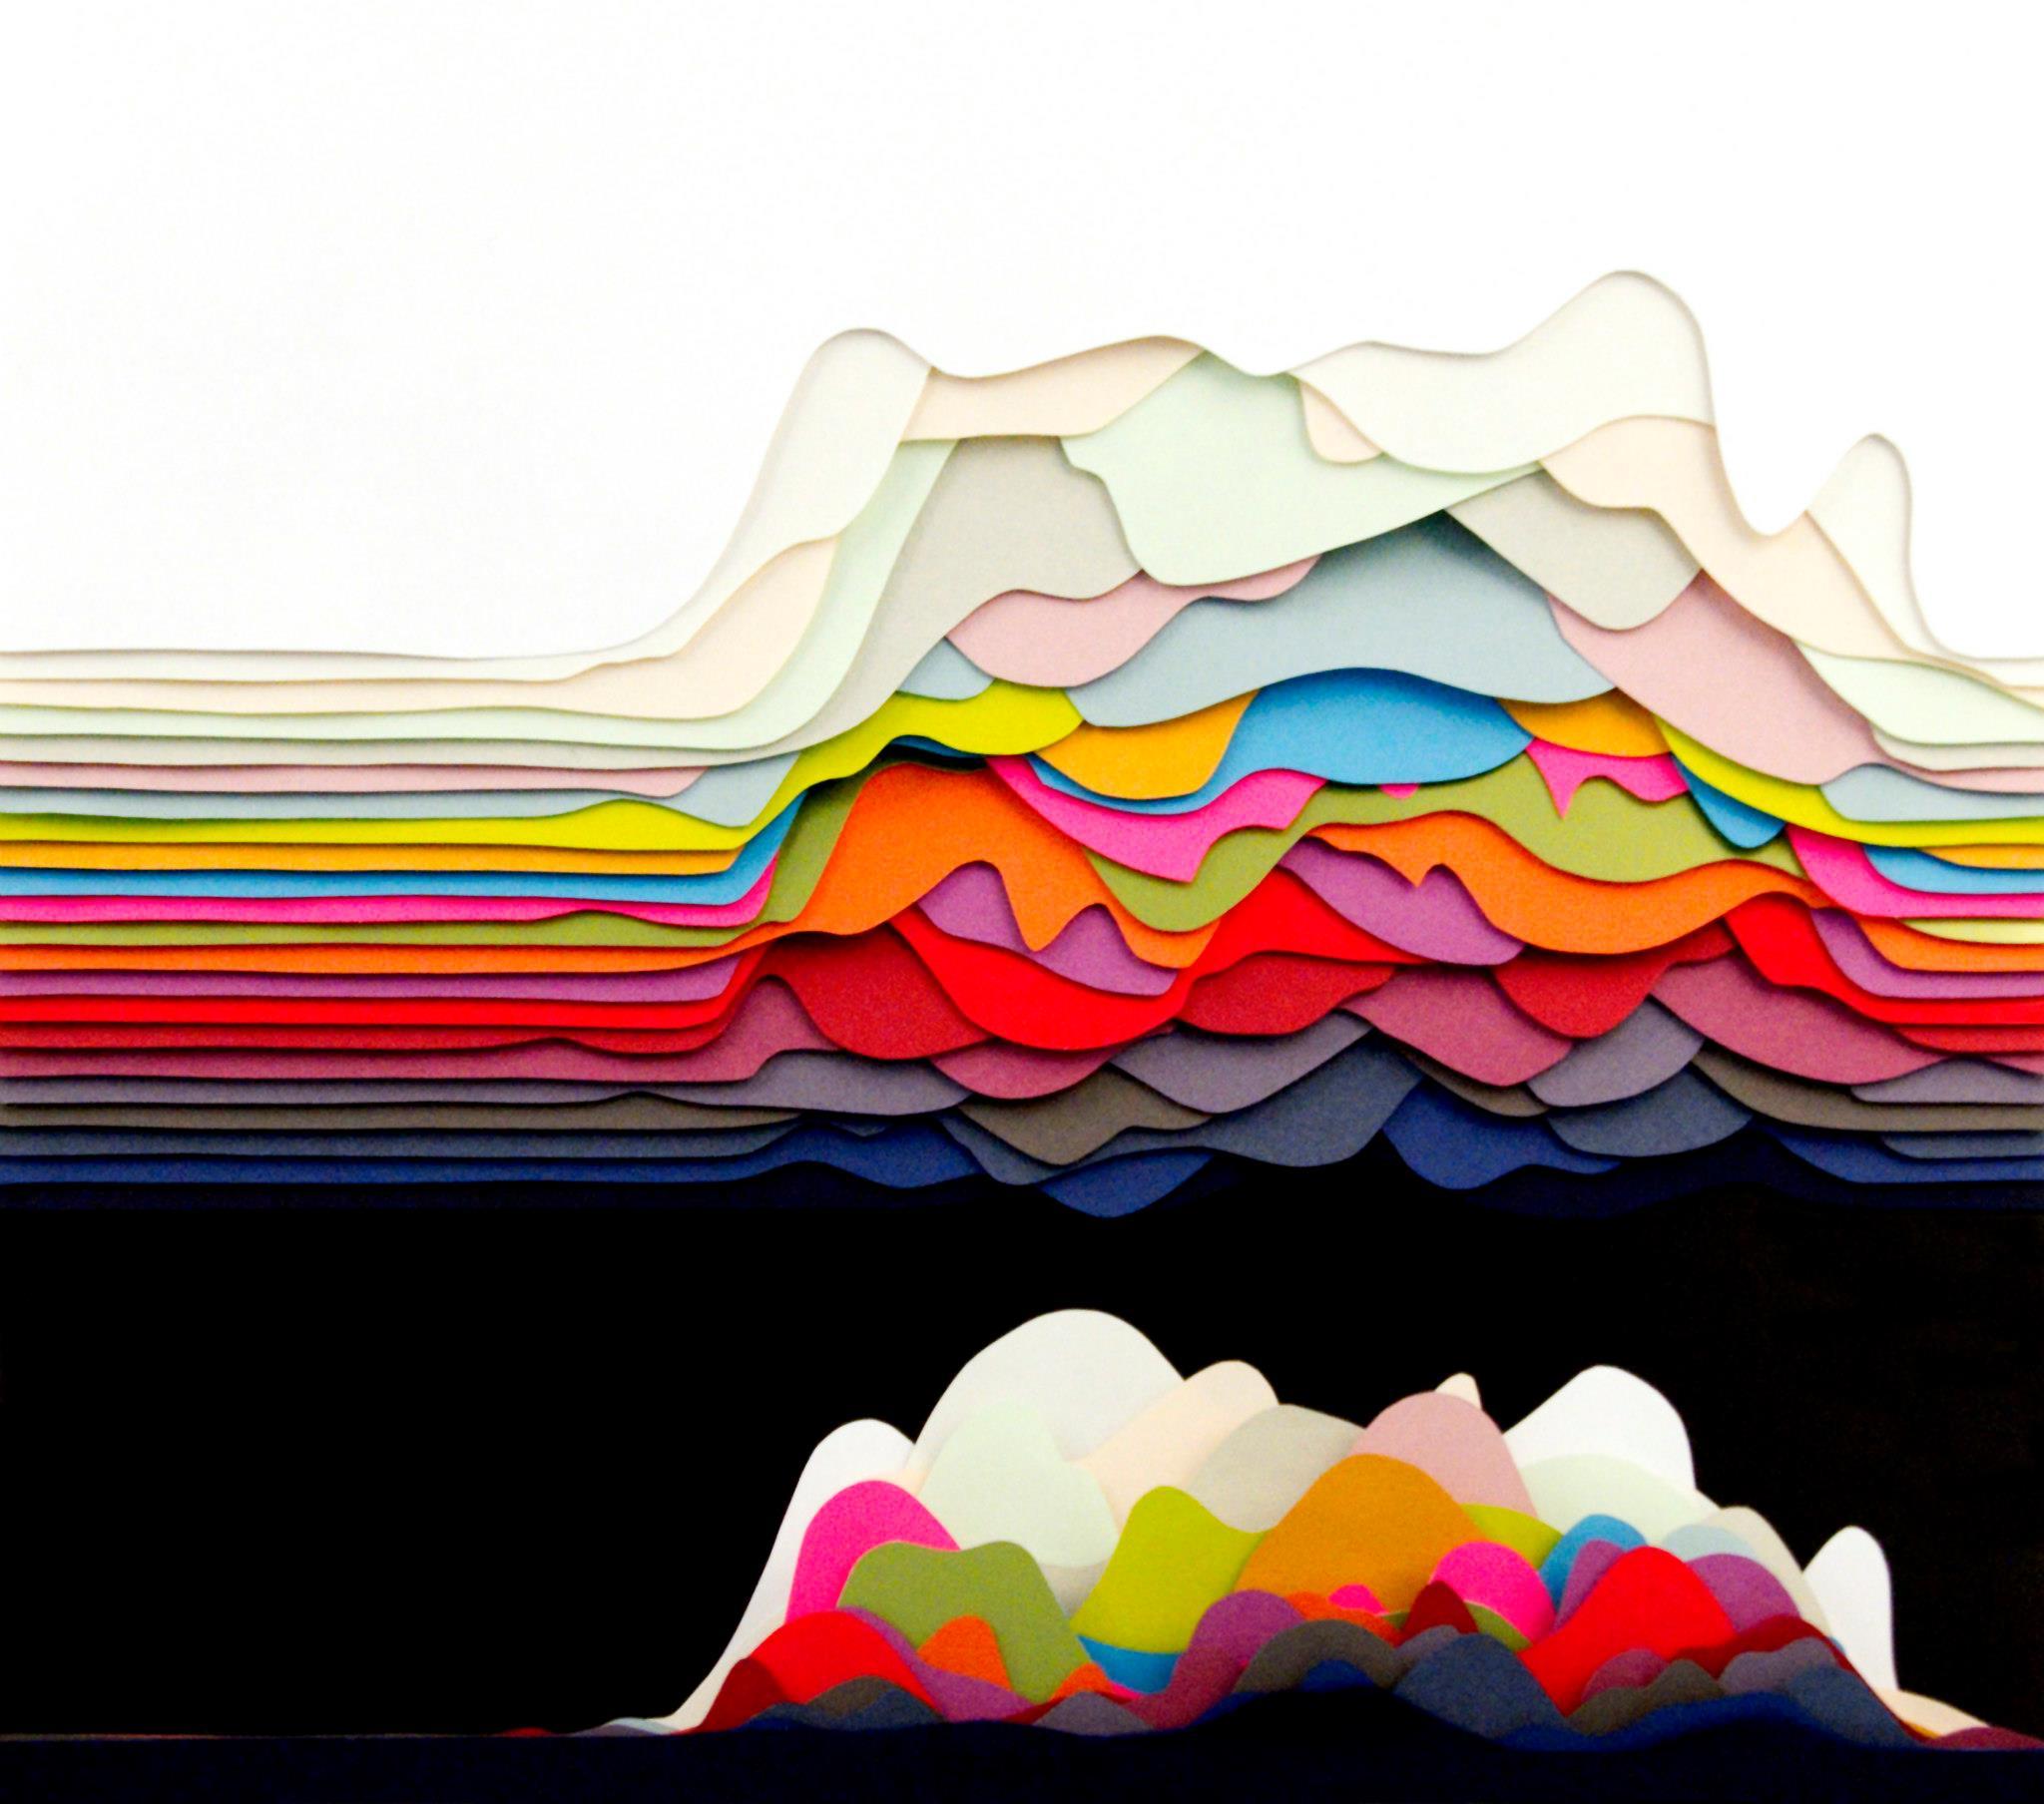 用色彩拥抱夏天:超眩目3d纸雕欣赏